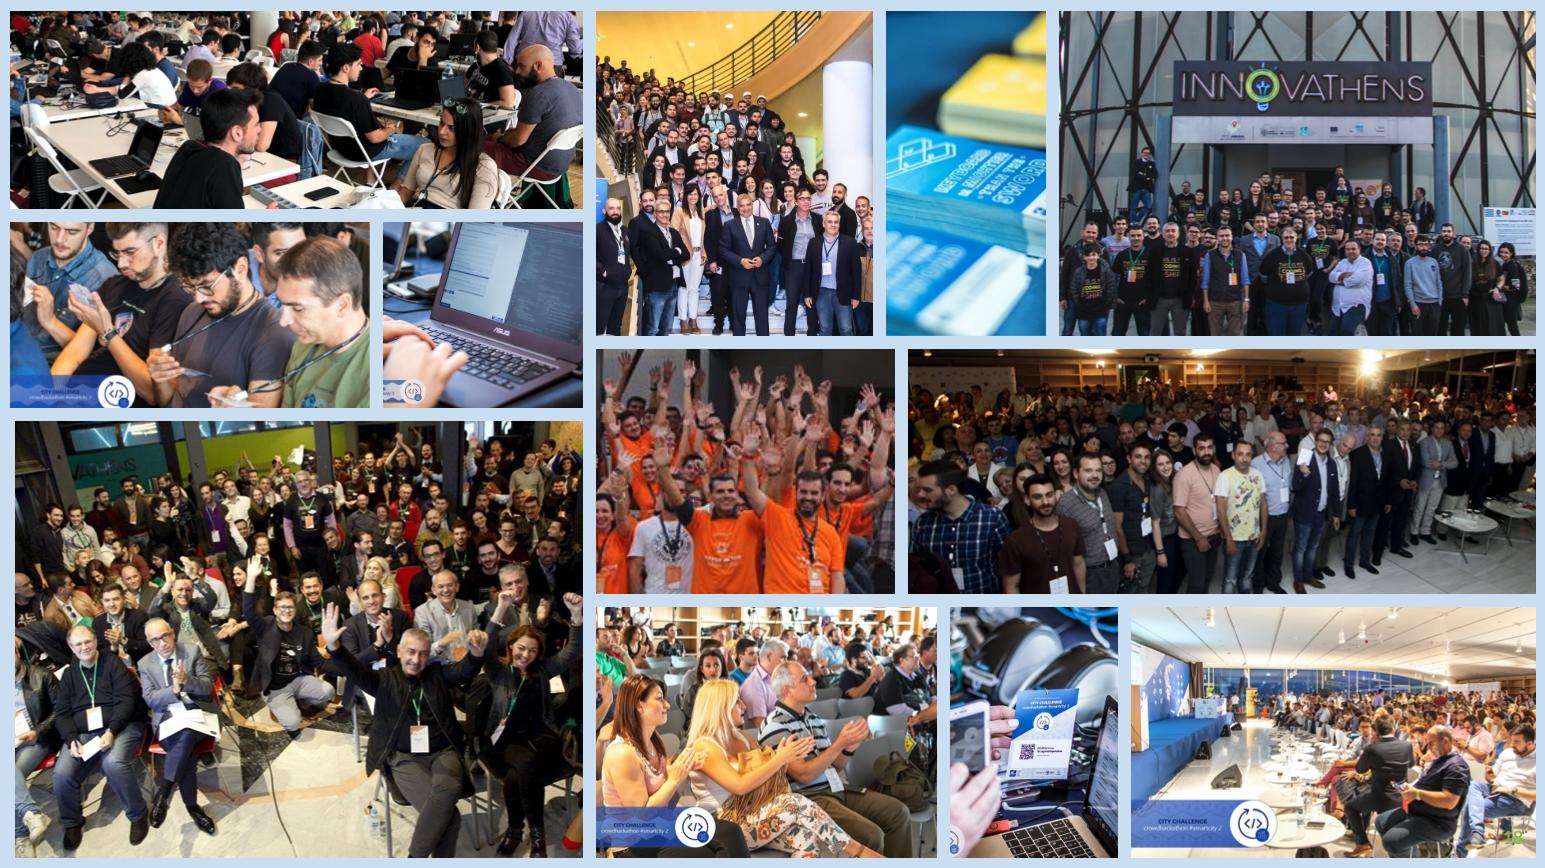 Ανοιχτή καινοτομία & Ψηφιακός Μετασχηματισμός στην πράξη